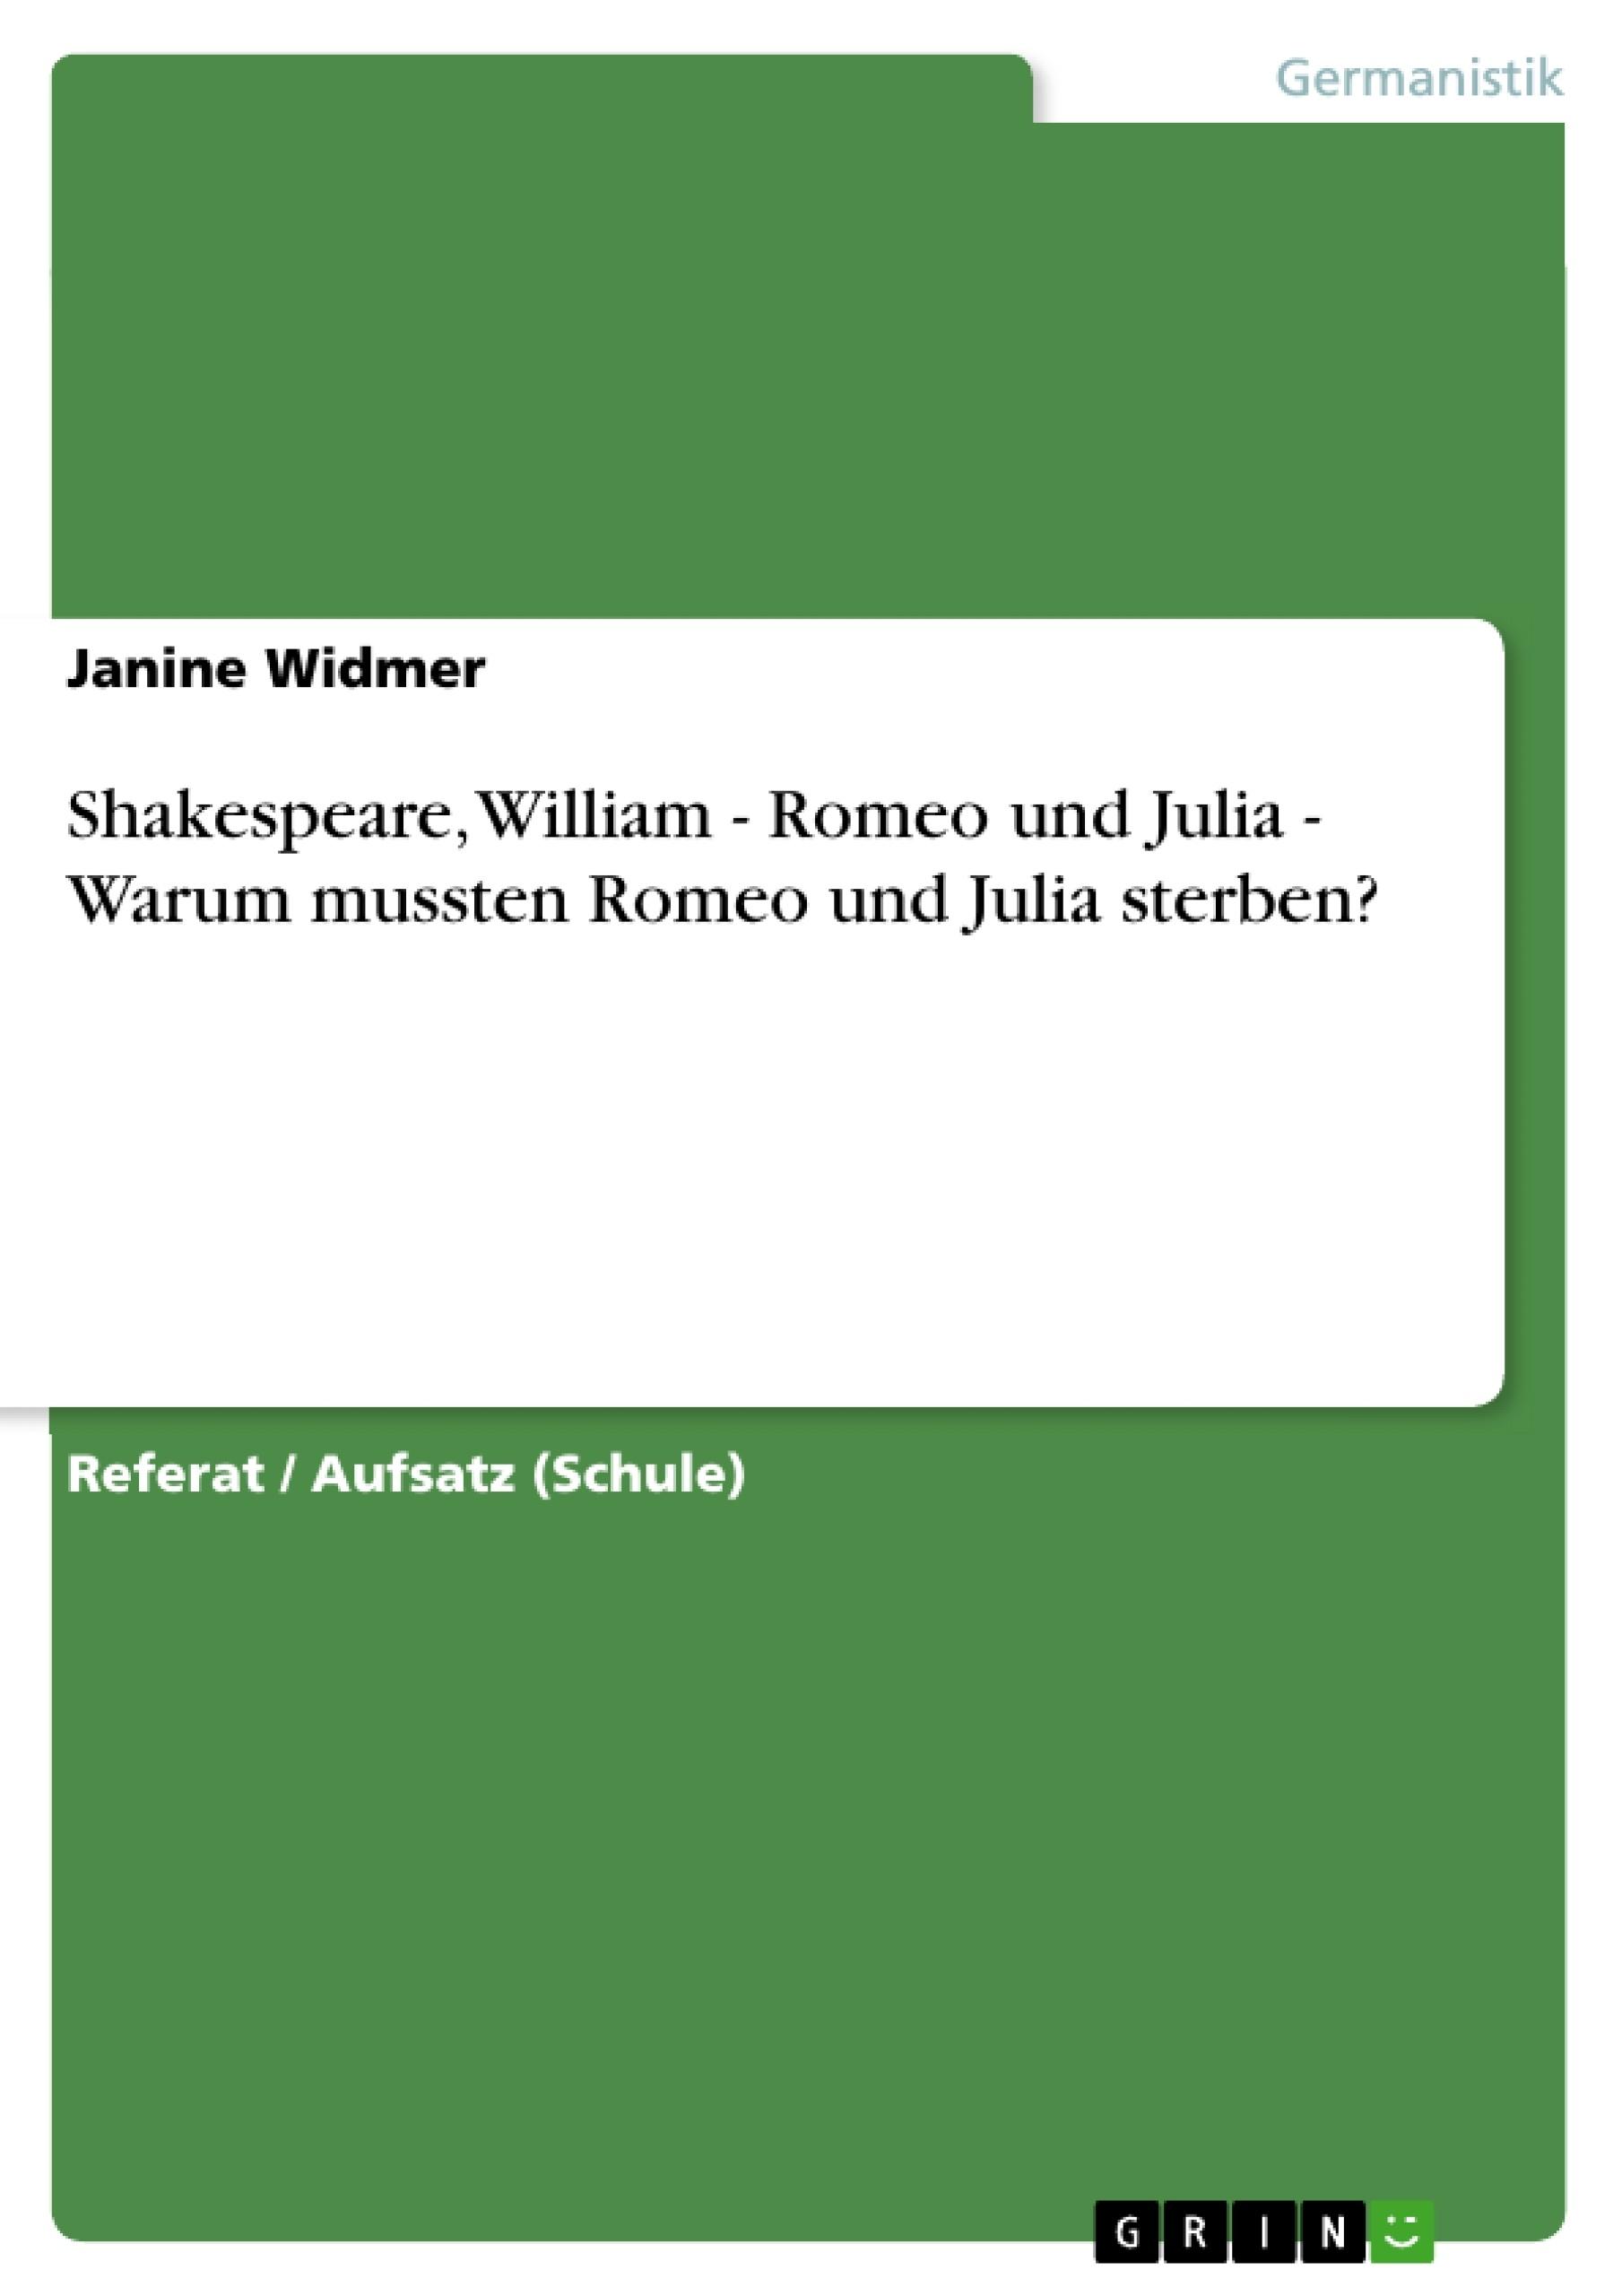 Titel: Shakespeare, William - Romeo und Julia - Warum mussten Romeo und Julia sterben?